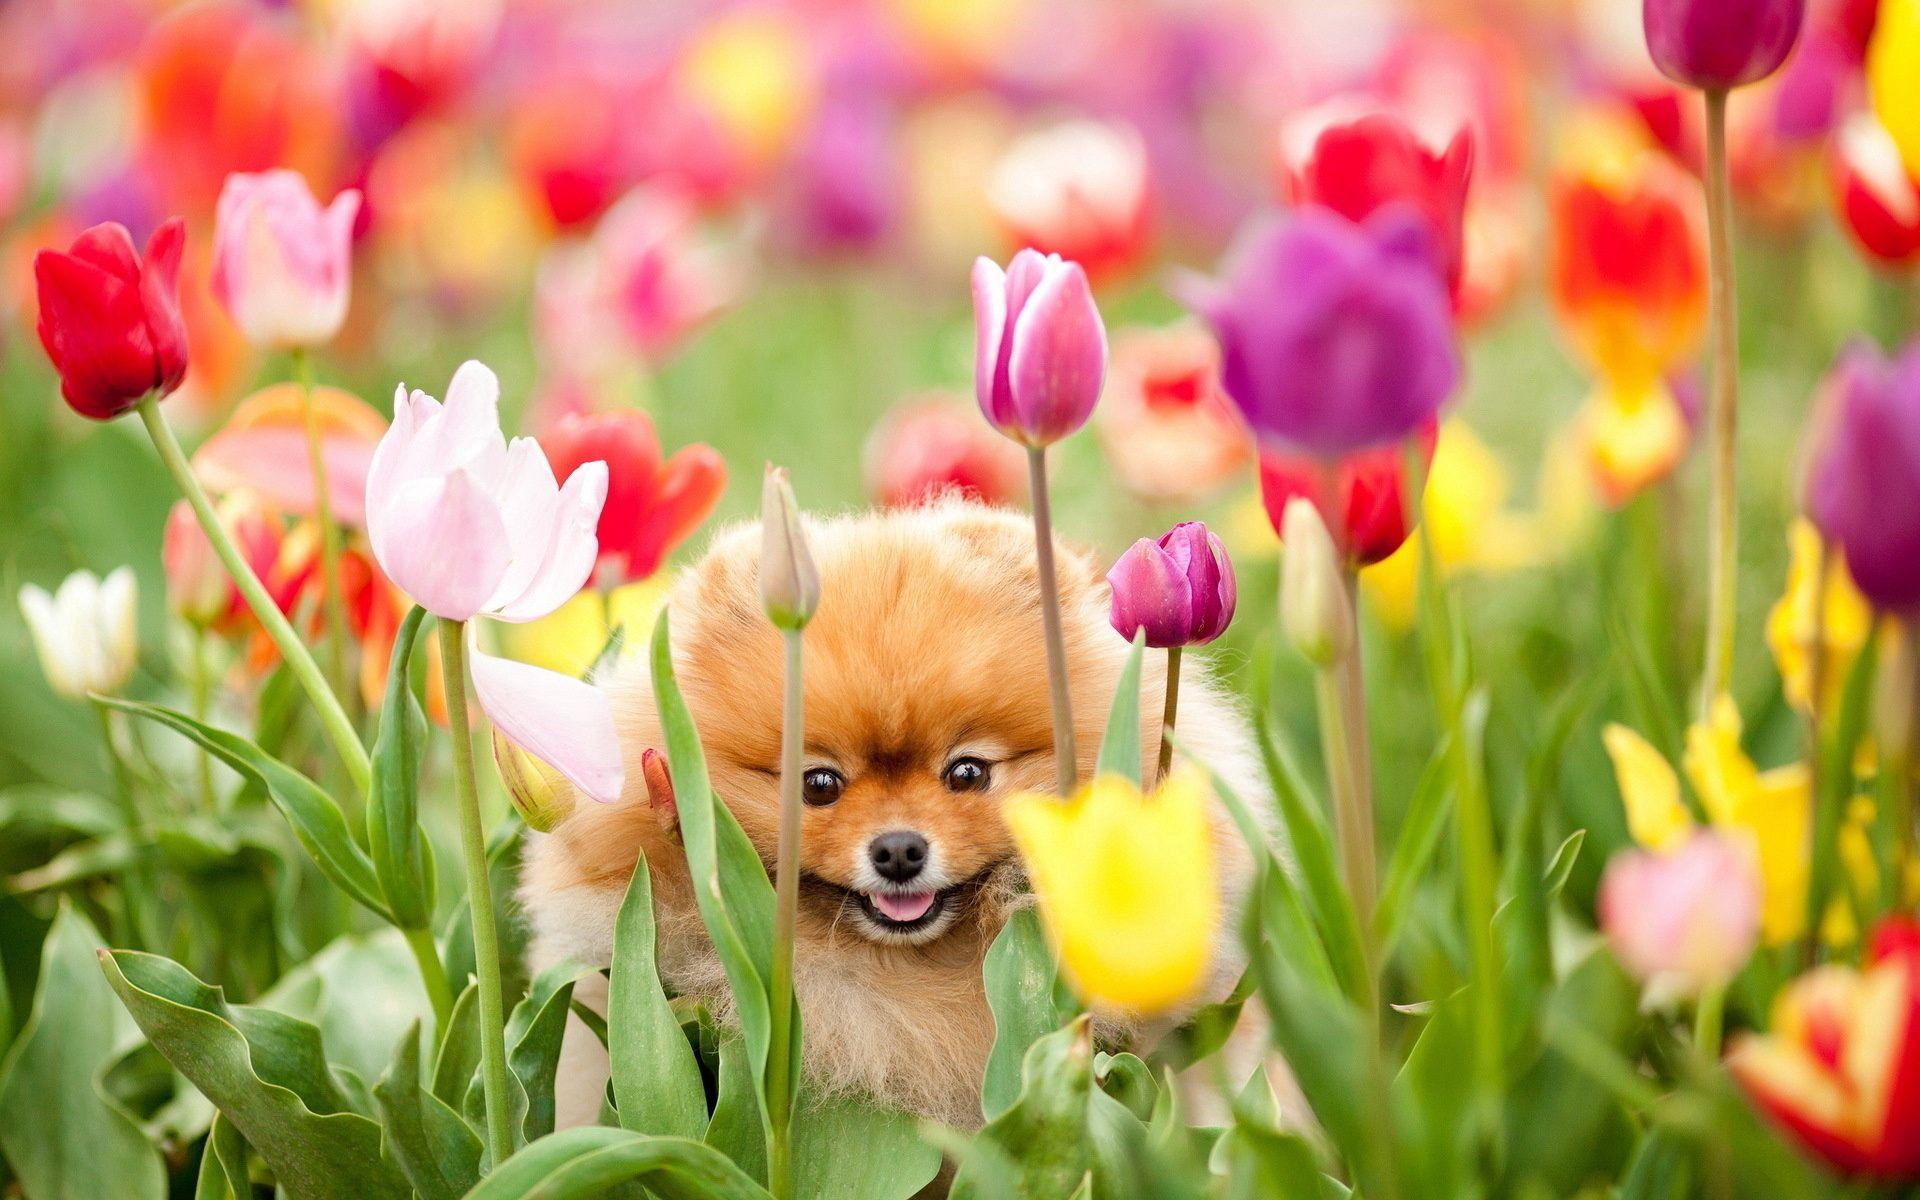 129440 Hintergrundbild herunterladen Hund, Blumen, Tiere, Tulpen, Feld, Hündchen, Welpen - Bildschirmschoner und Bilder kostenlos